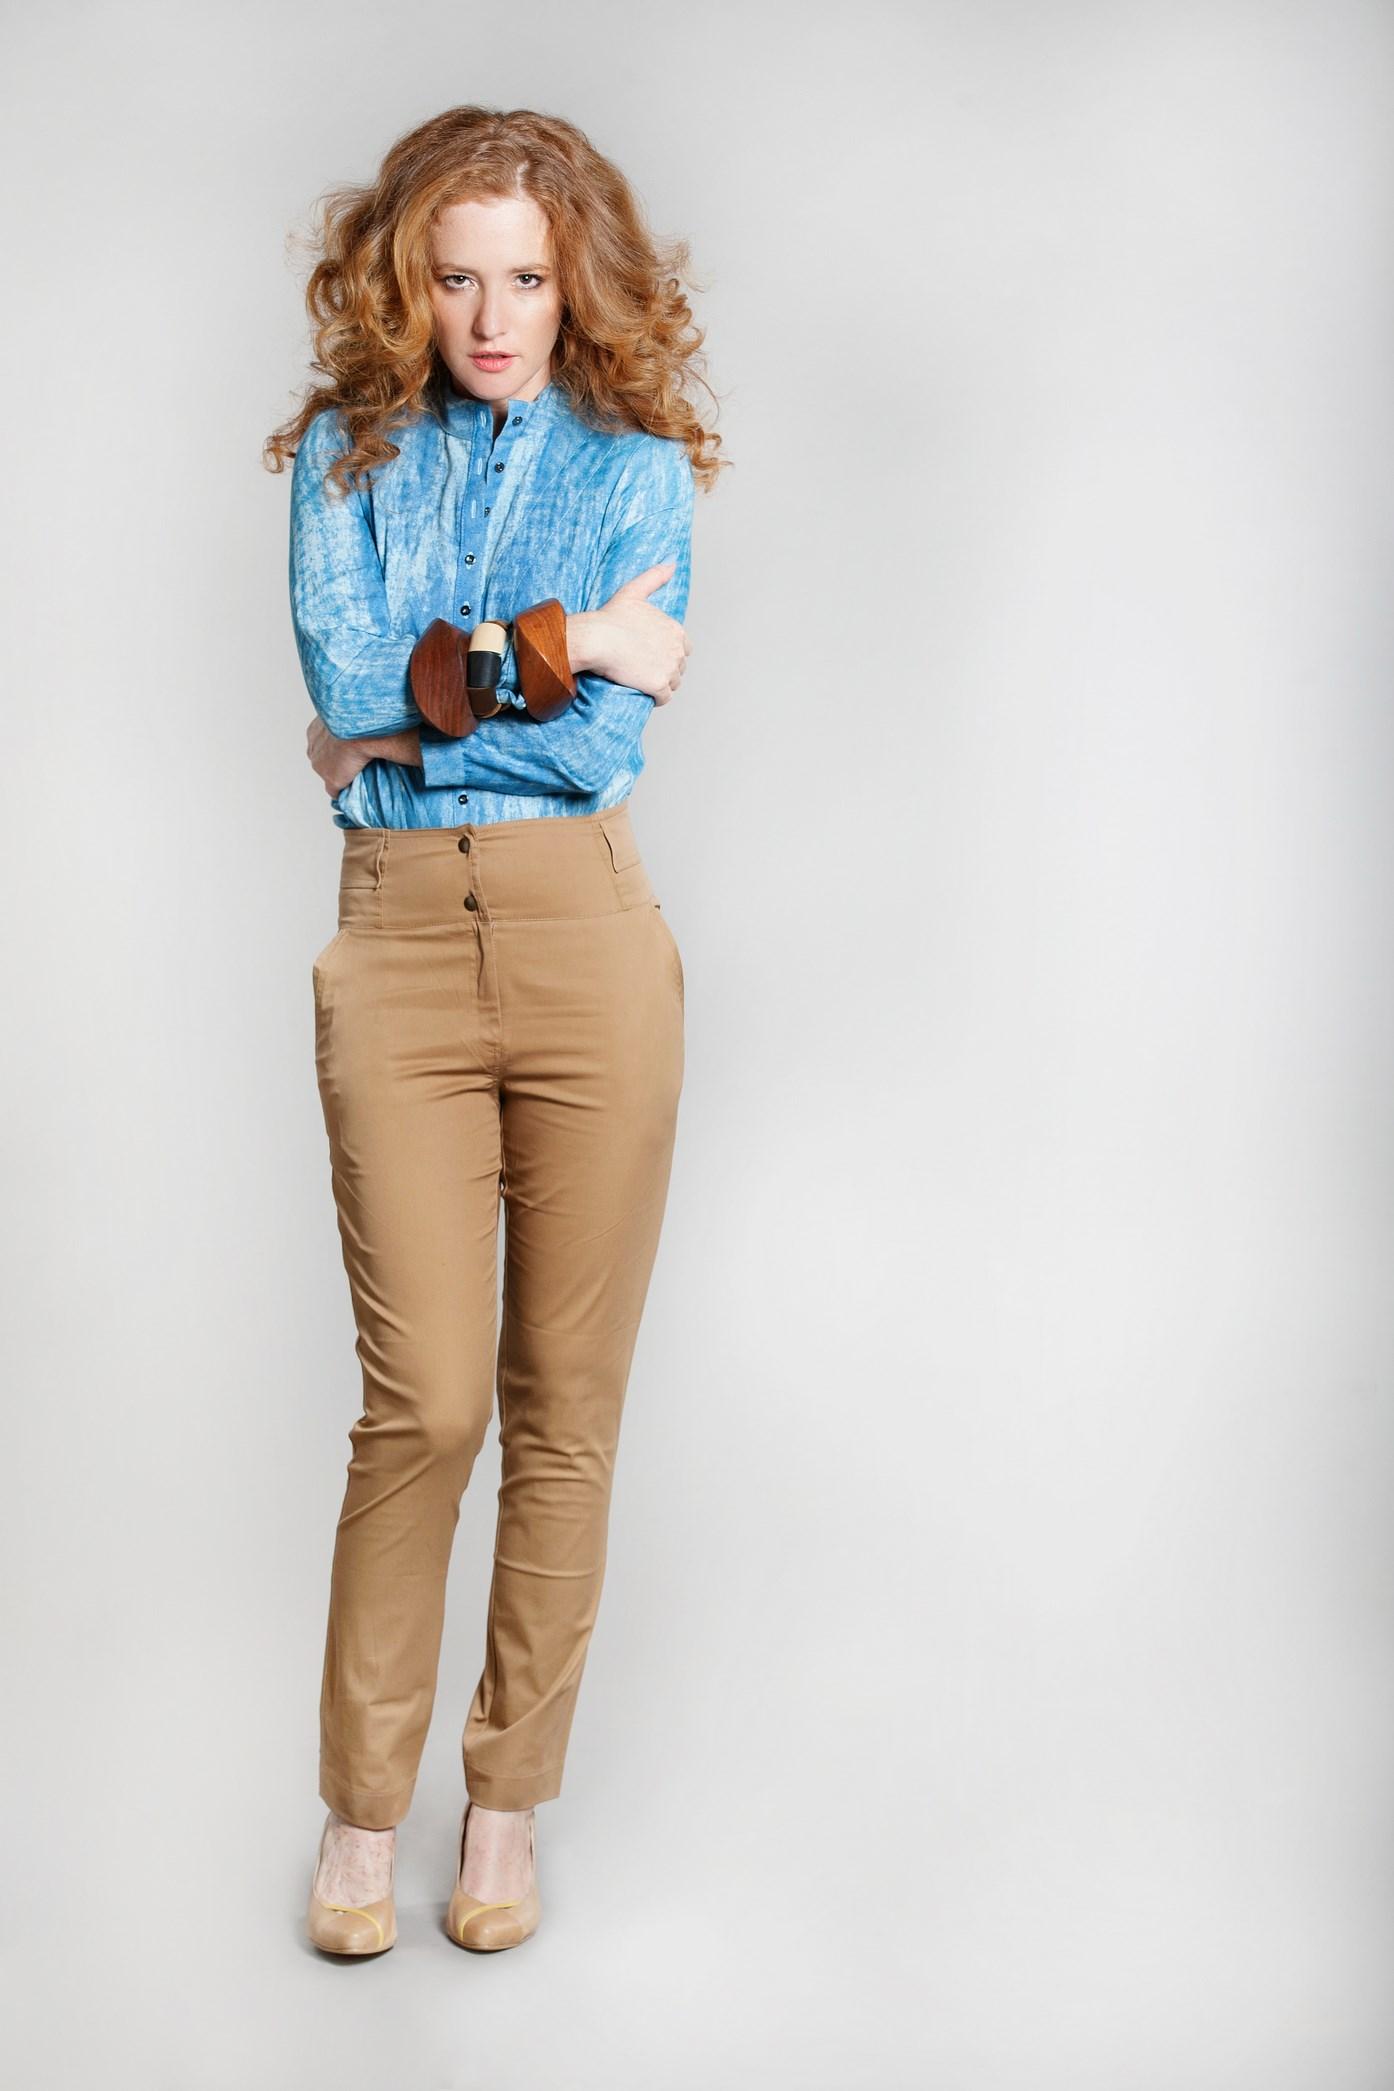 טלי אימבר מכנסיים 429 שח חולצה 339 שח צילום גלית דויטש.jpg